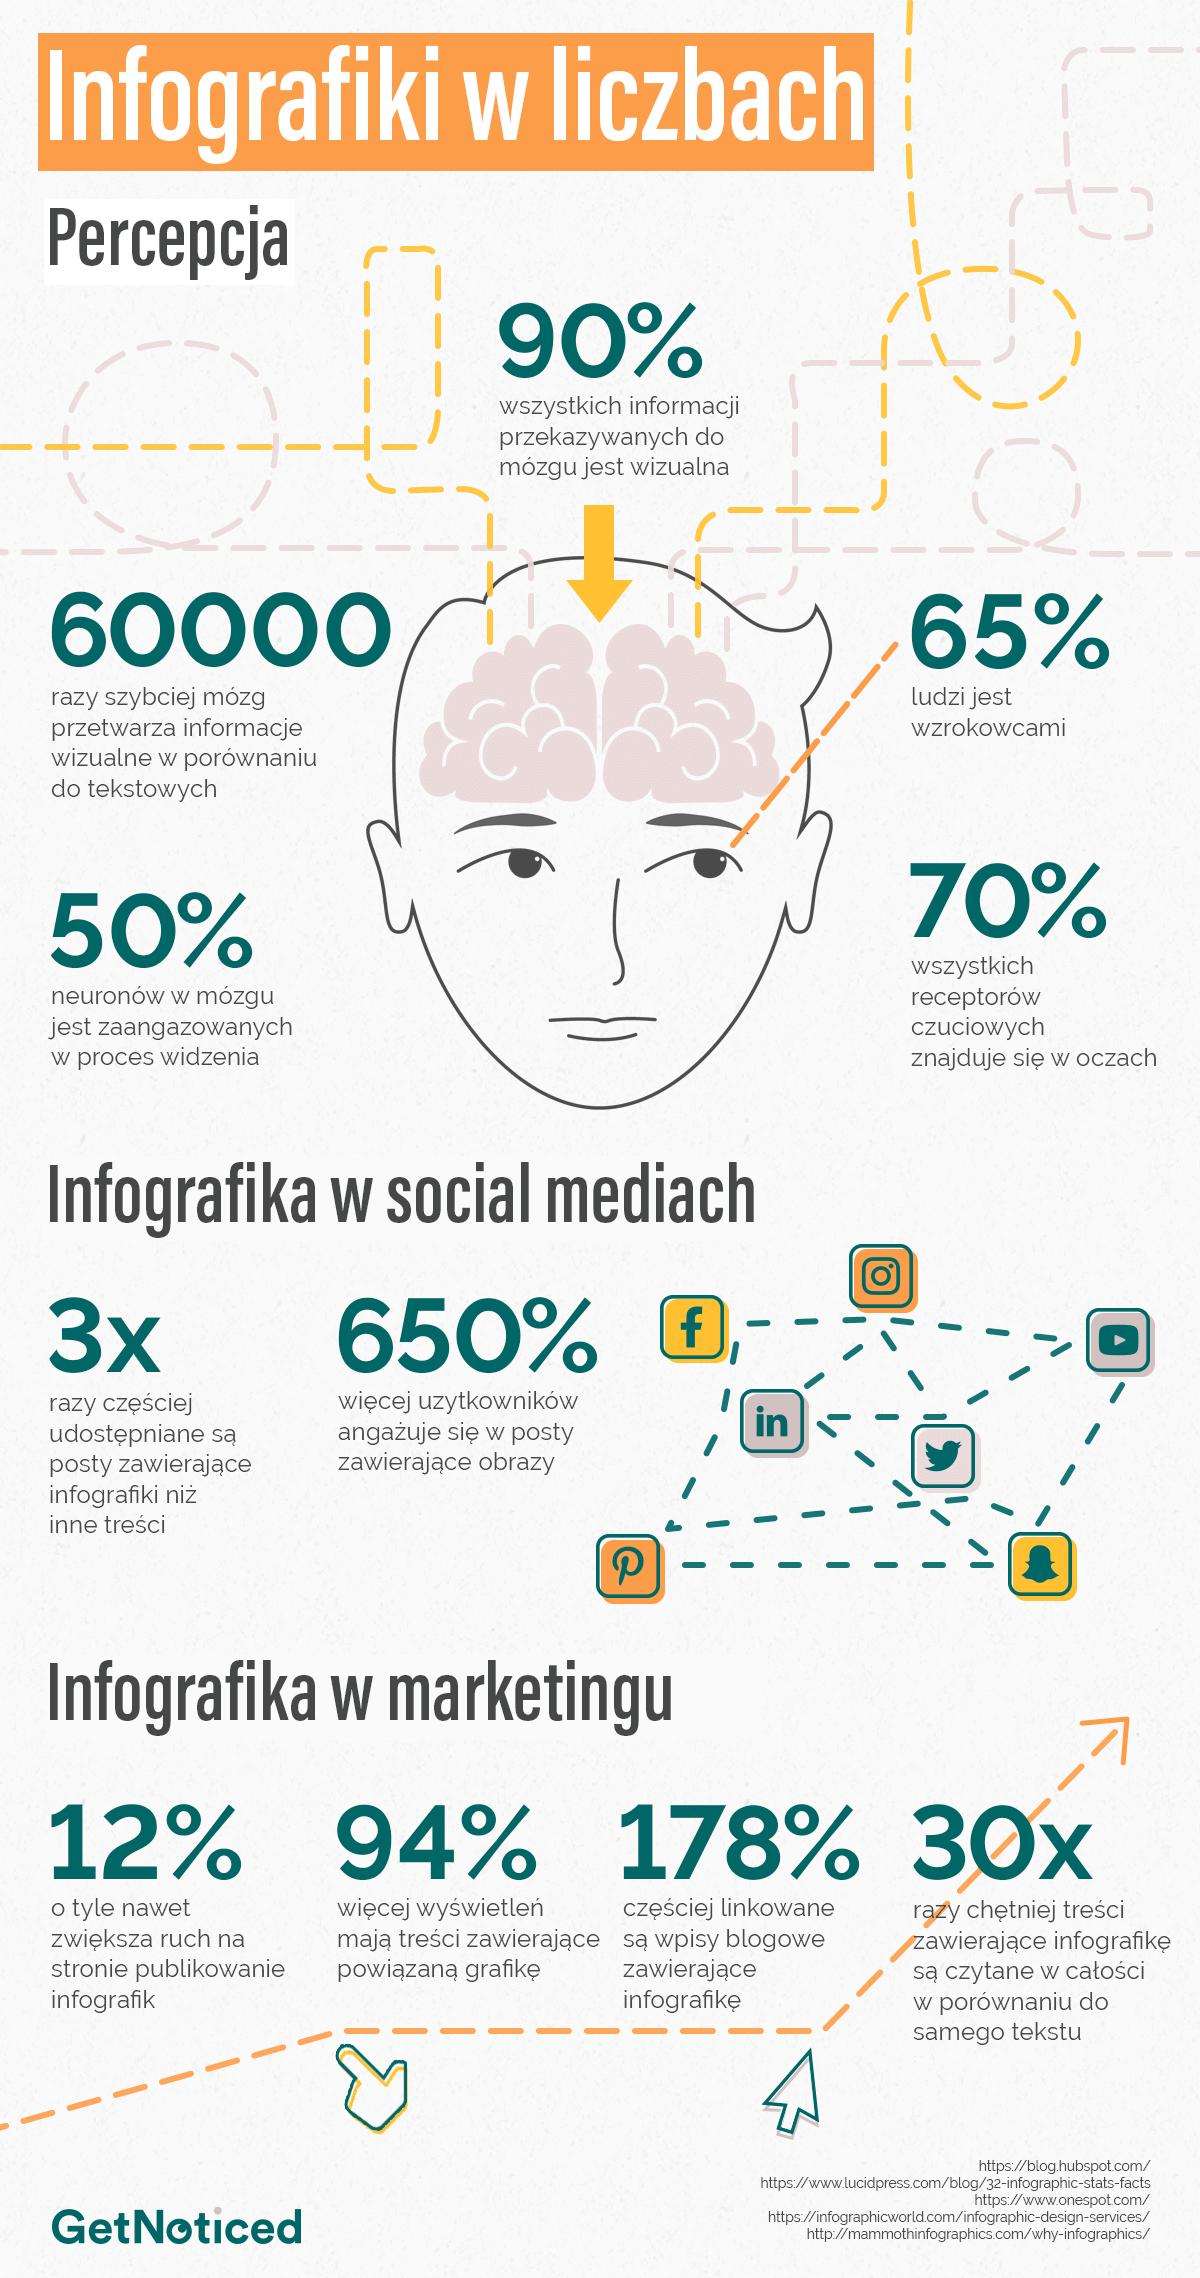 Statystyki dotyczace infografik